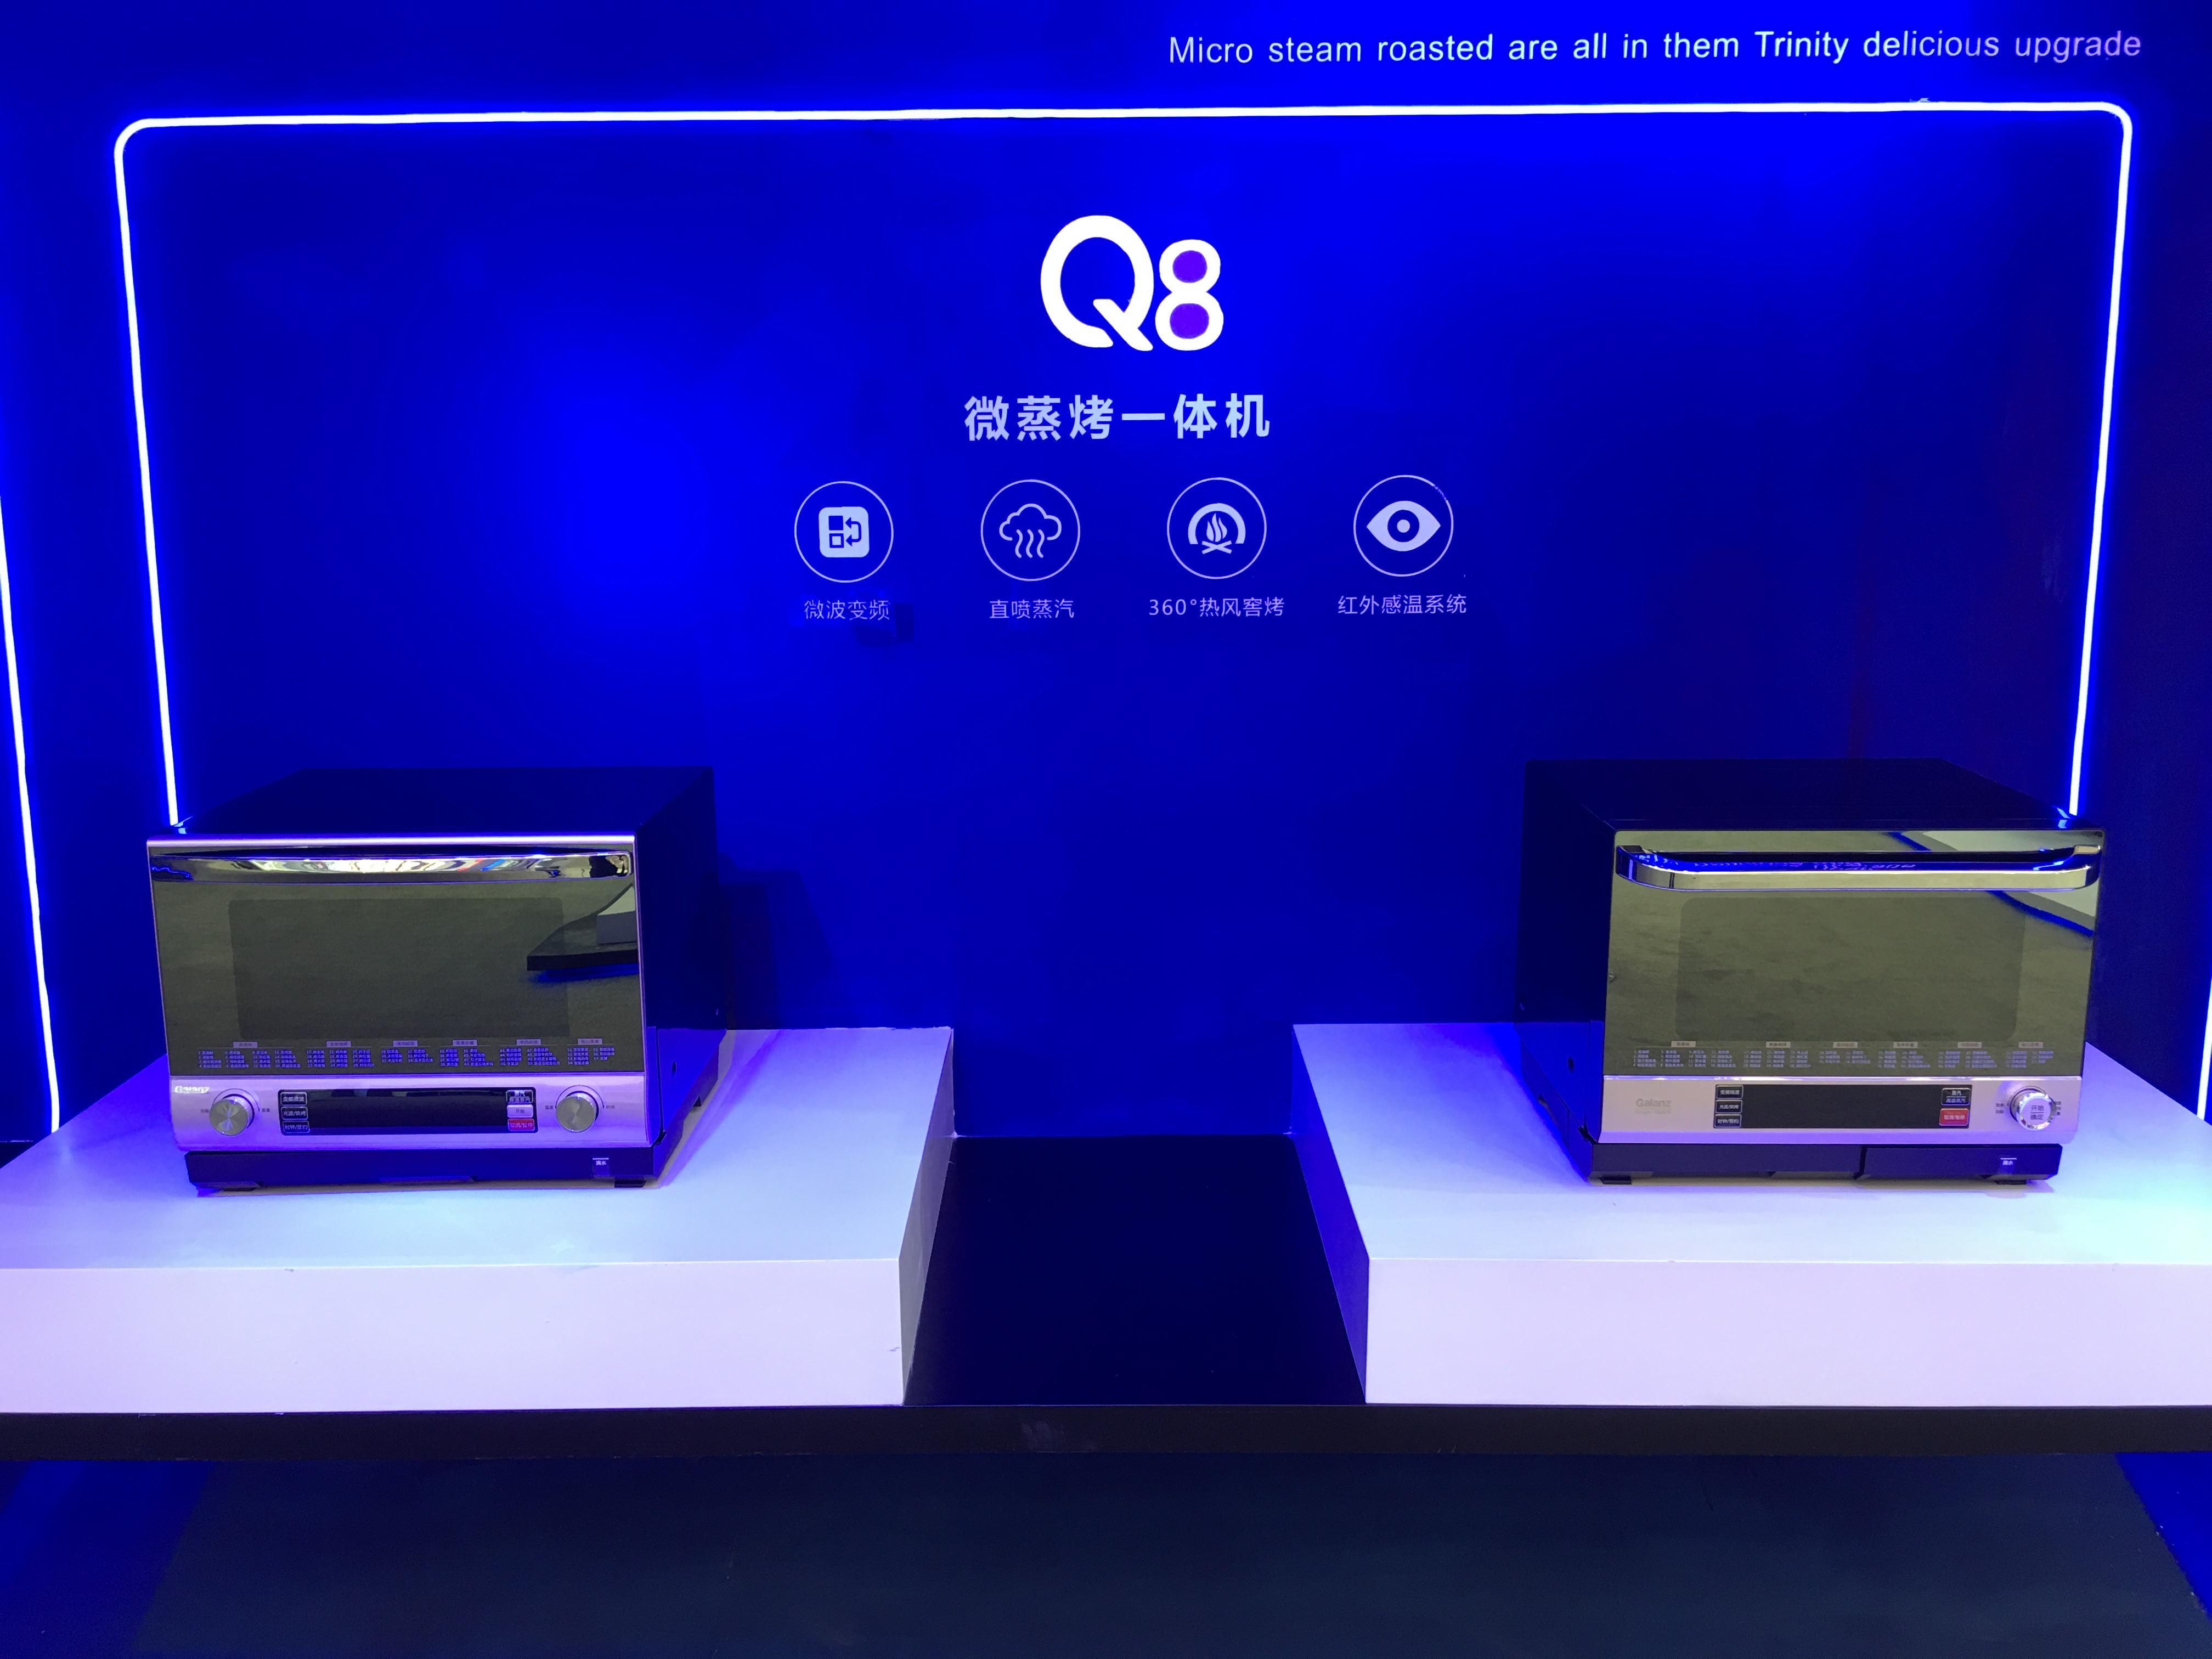 国民家电引领品质消费,格兰仕一体式微波炉揽获艾普兰产品奖